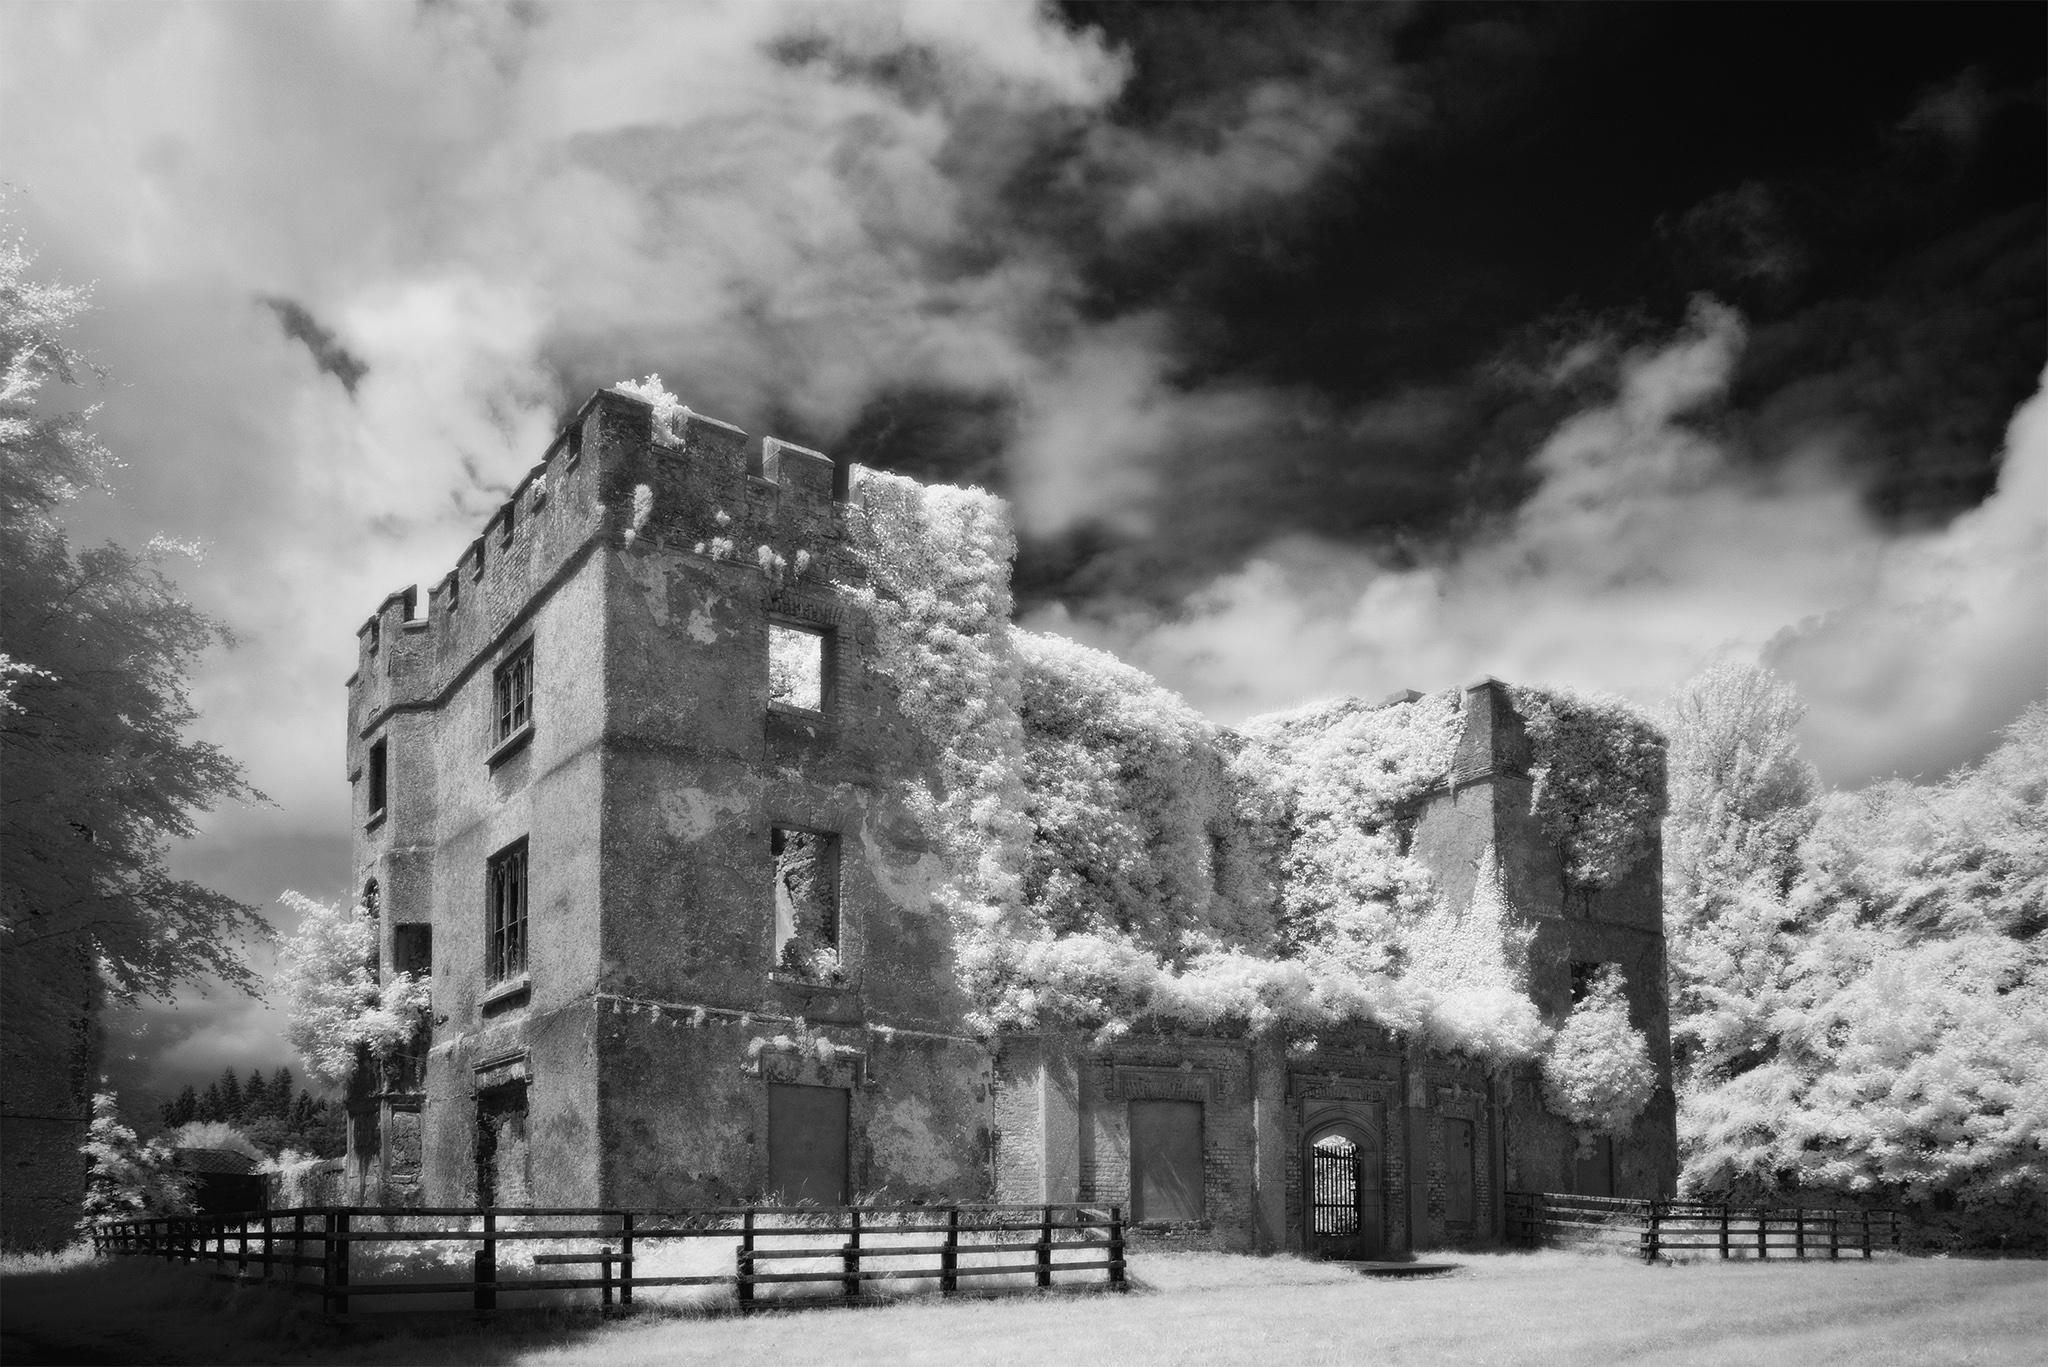 Donadea Castle, Ireland